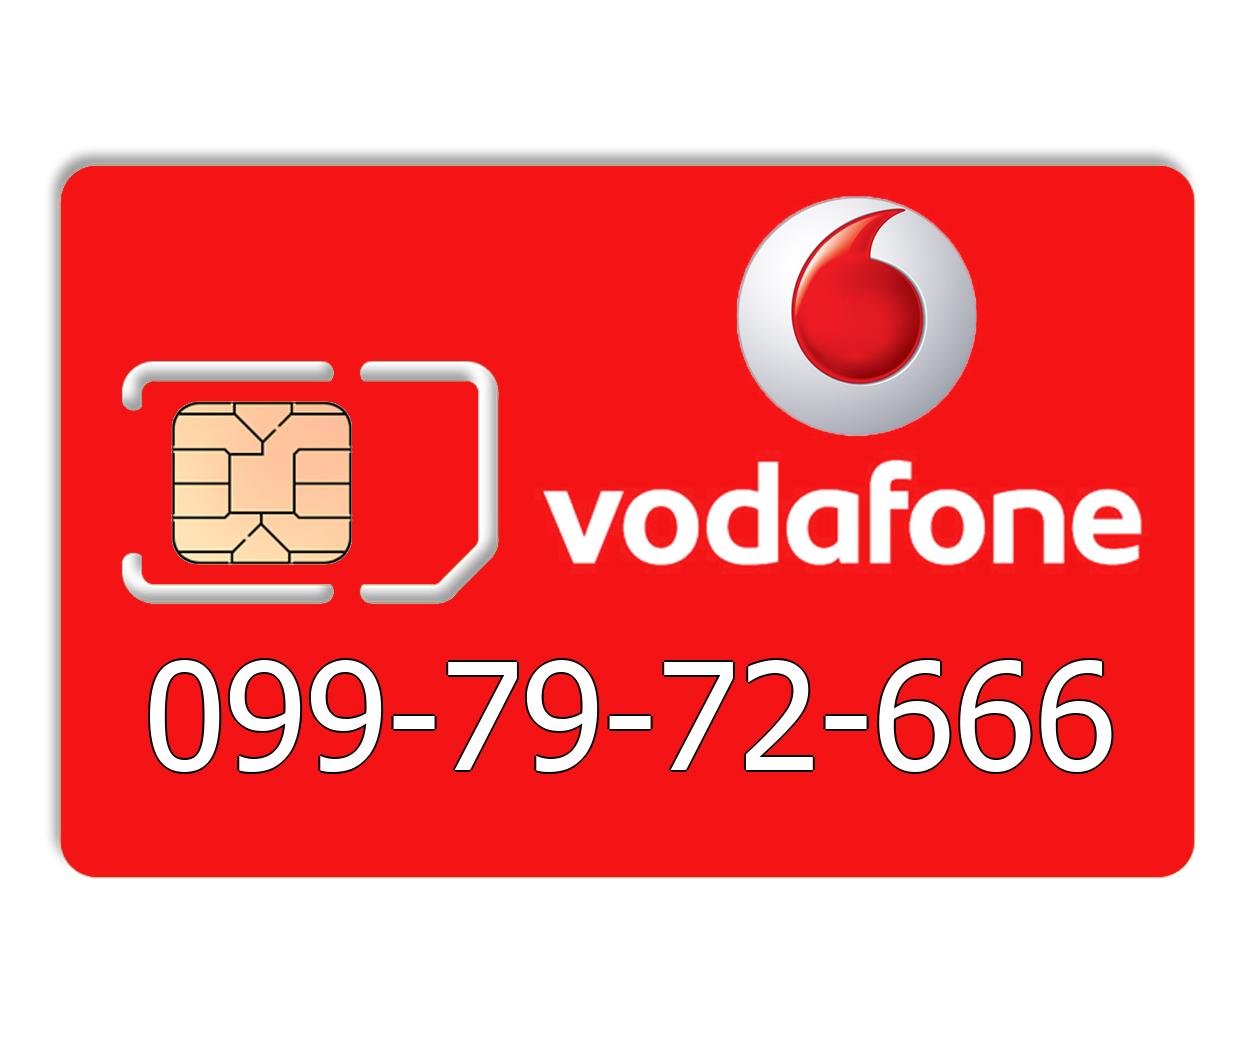 Красивый номер Vodafone 099-79-72-666